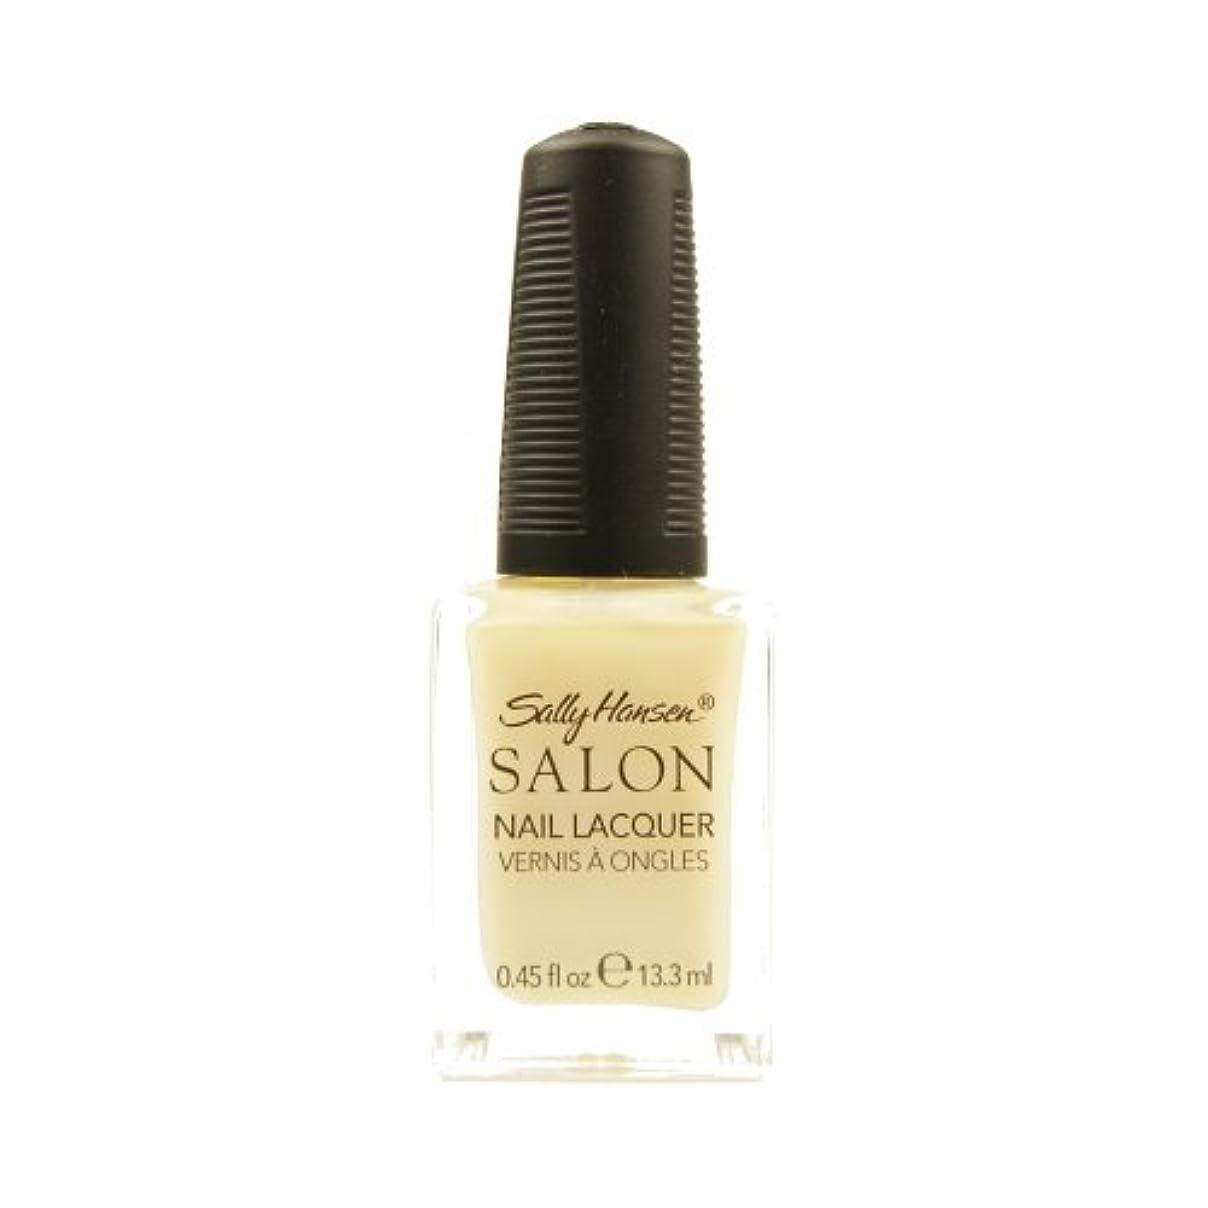 汚れた温度計コメントSALLY HANSEN Salon Nail Lacquer 4134 - Sheer Pressure (並行輸入品)